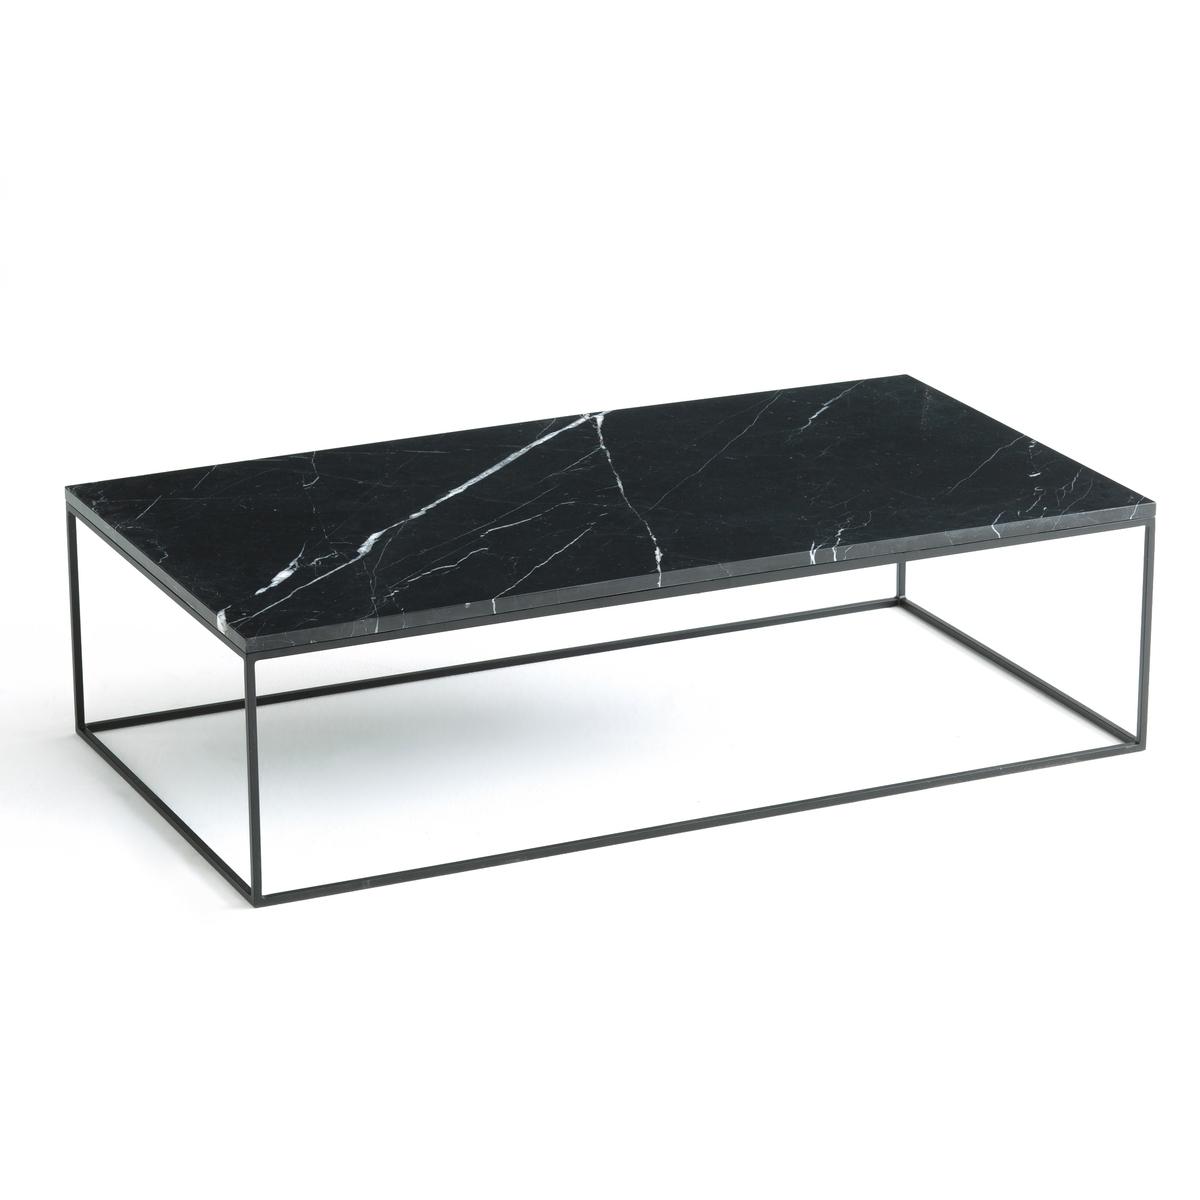 Стол журнальный прямоугольный . черный металл и мрамор Mahaut dynacord dynacord p64